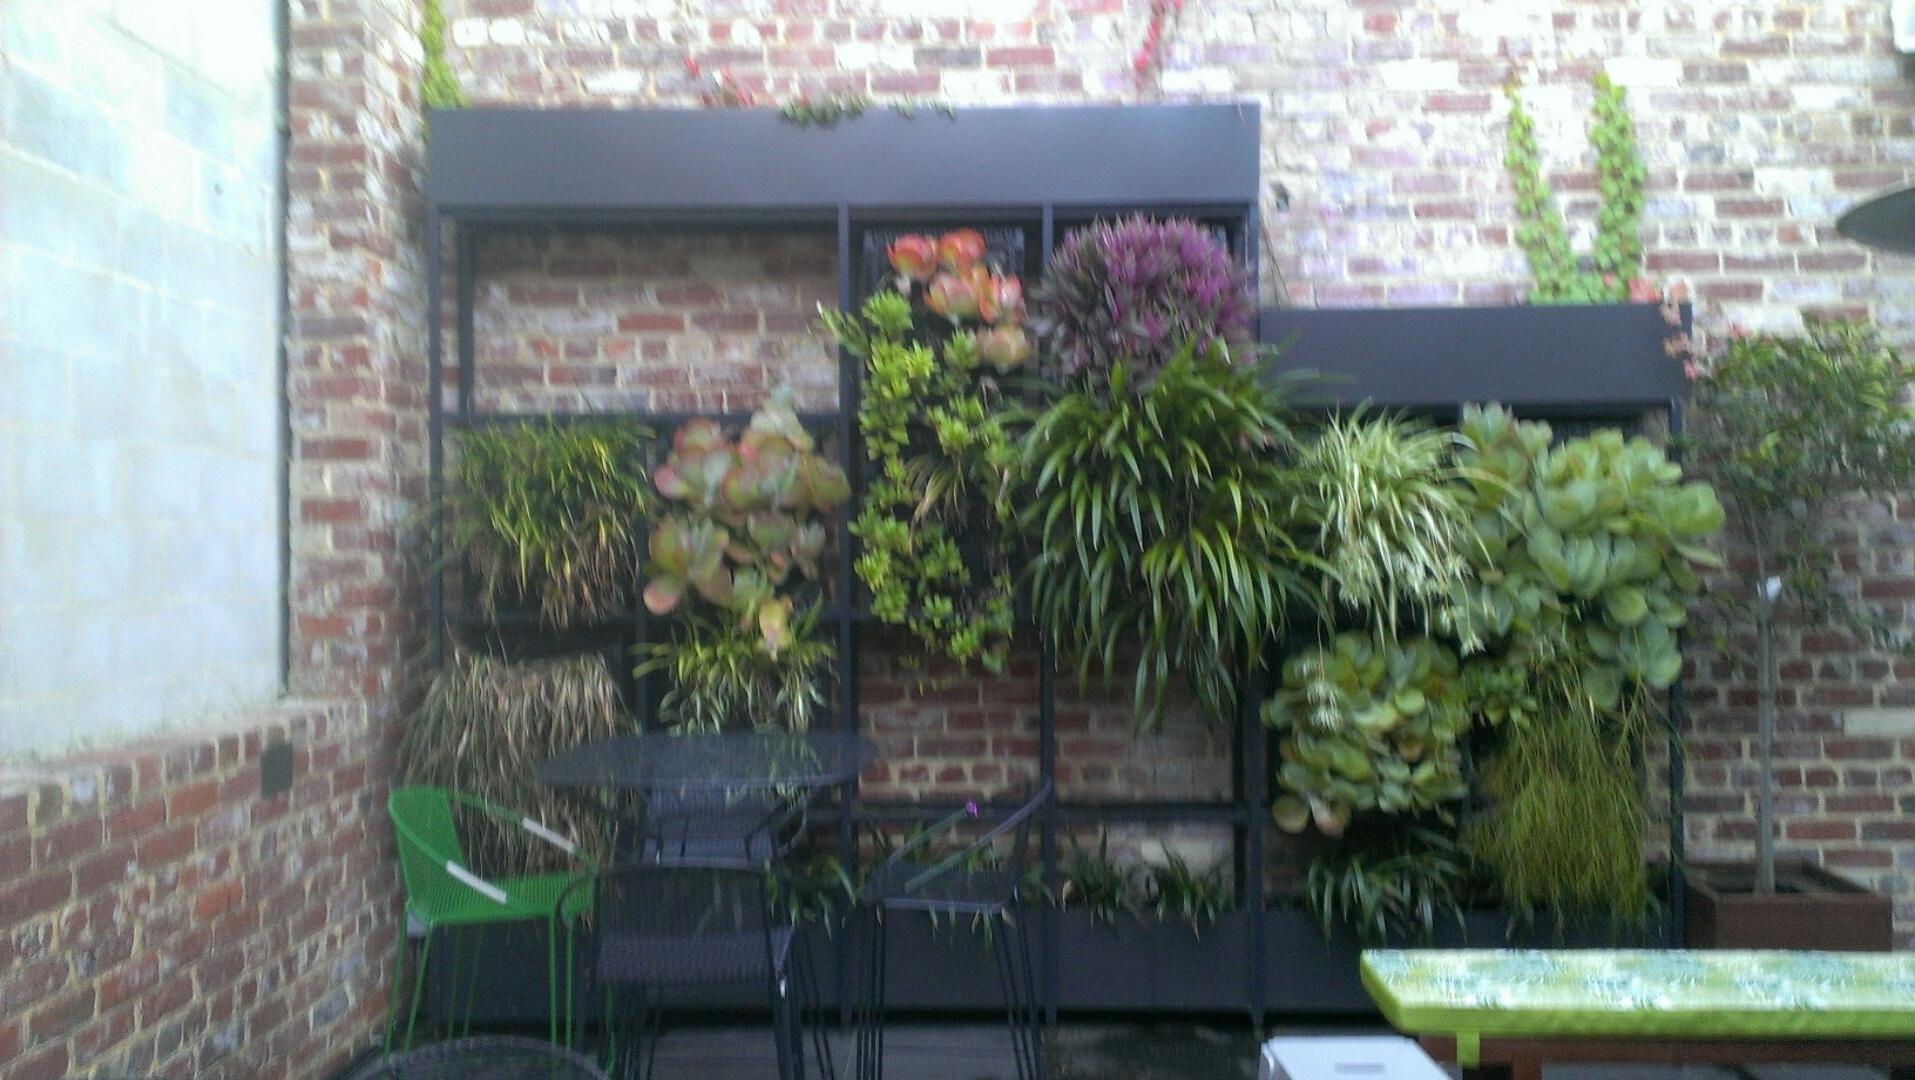 Wall Art Designs: Garden Wall Art Living Garden Wall Venn Art With Regard To Most Recent Garden Wall Art (View 15 of 15)